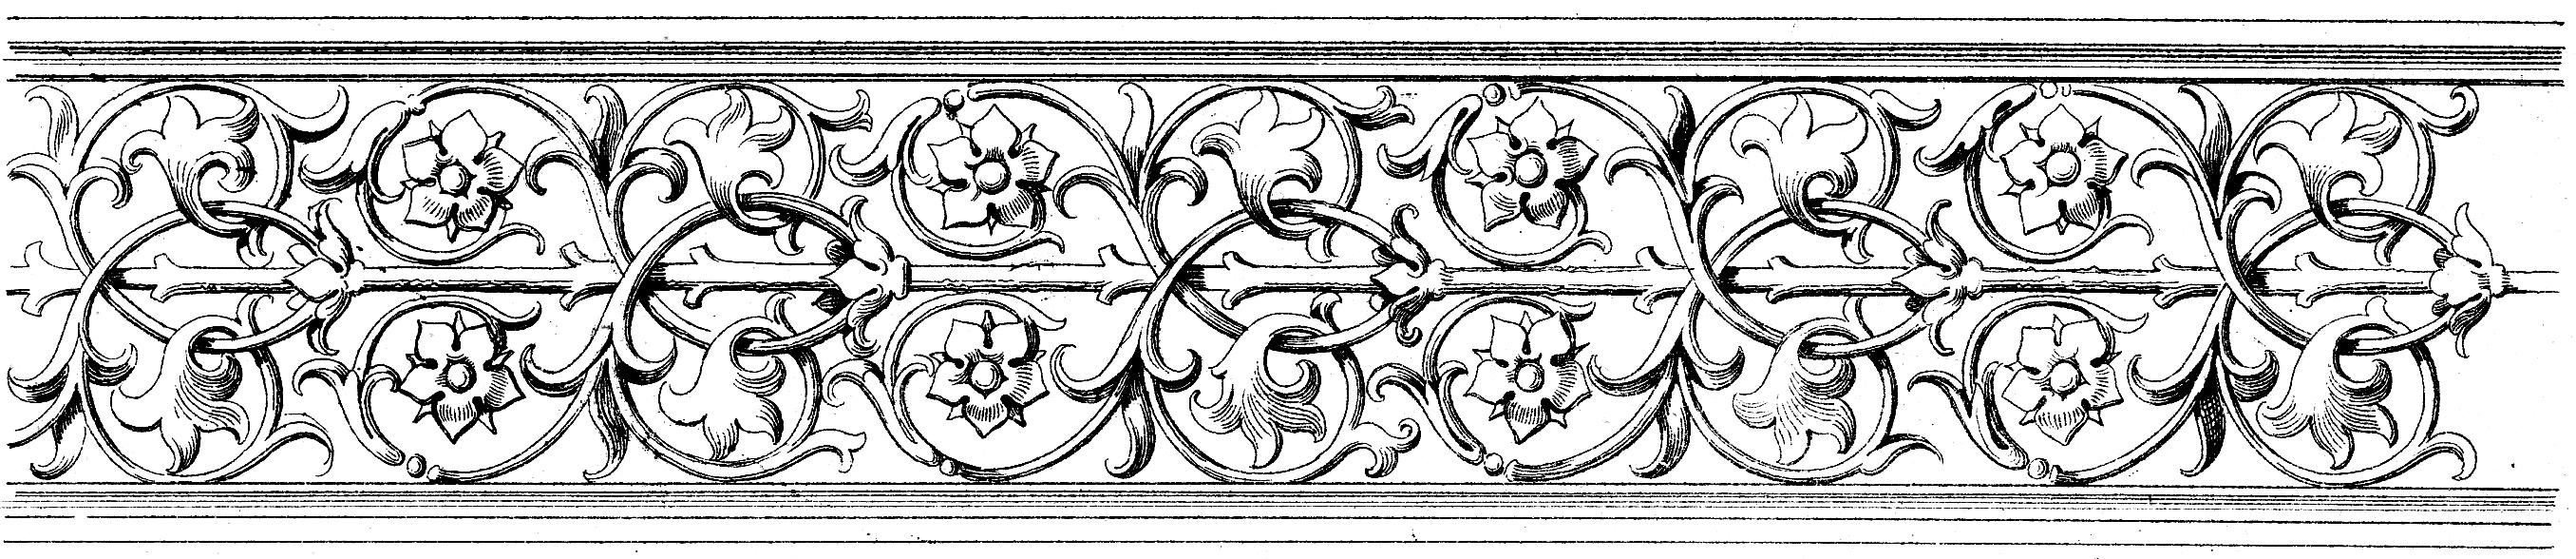 Lovely Baroque Ornamental Border Image